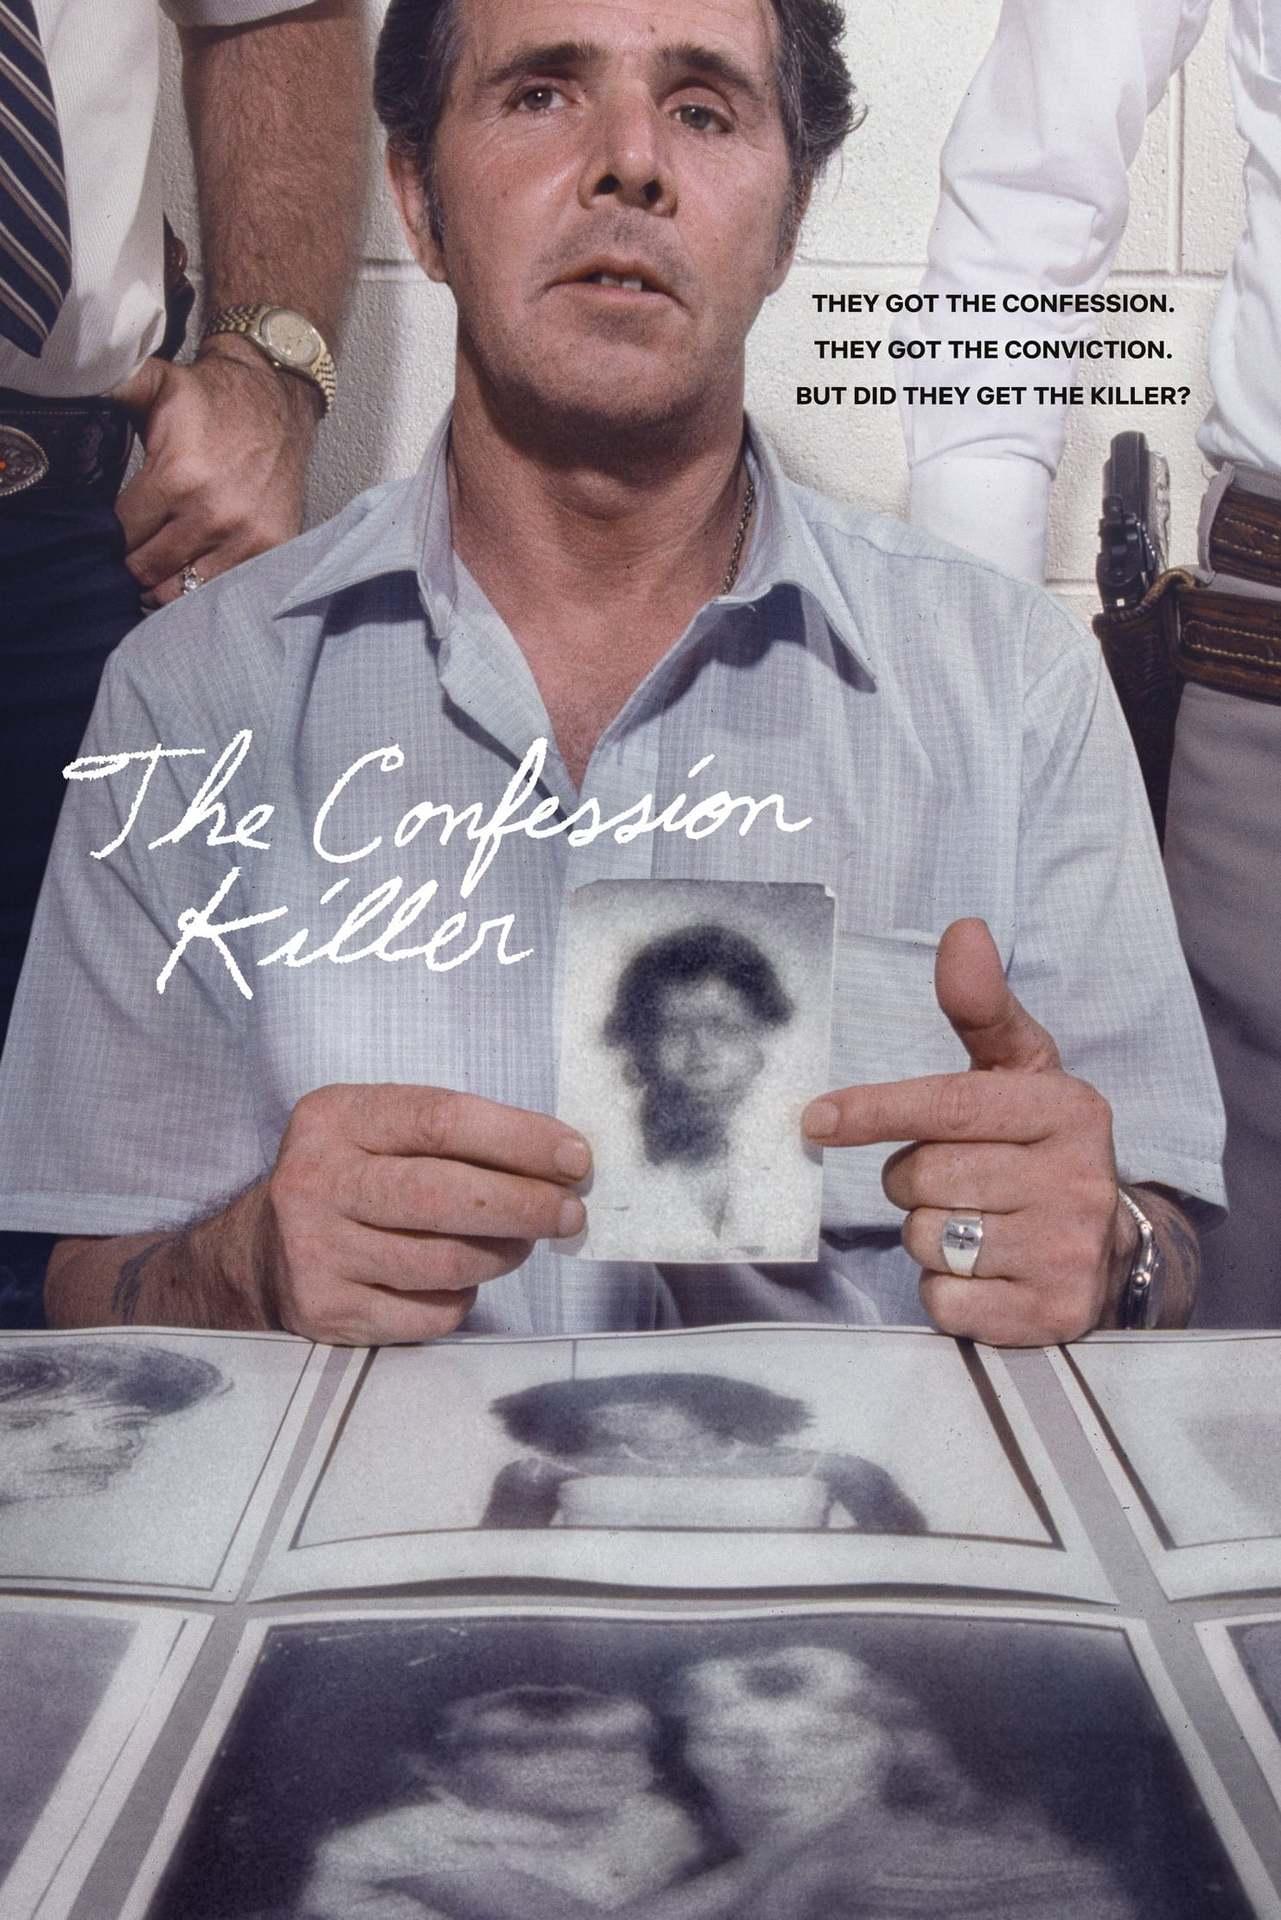 Постер фильма Признания убийцы The Confession Killer 2019